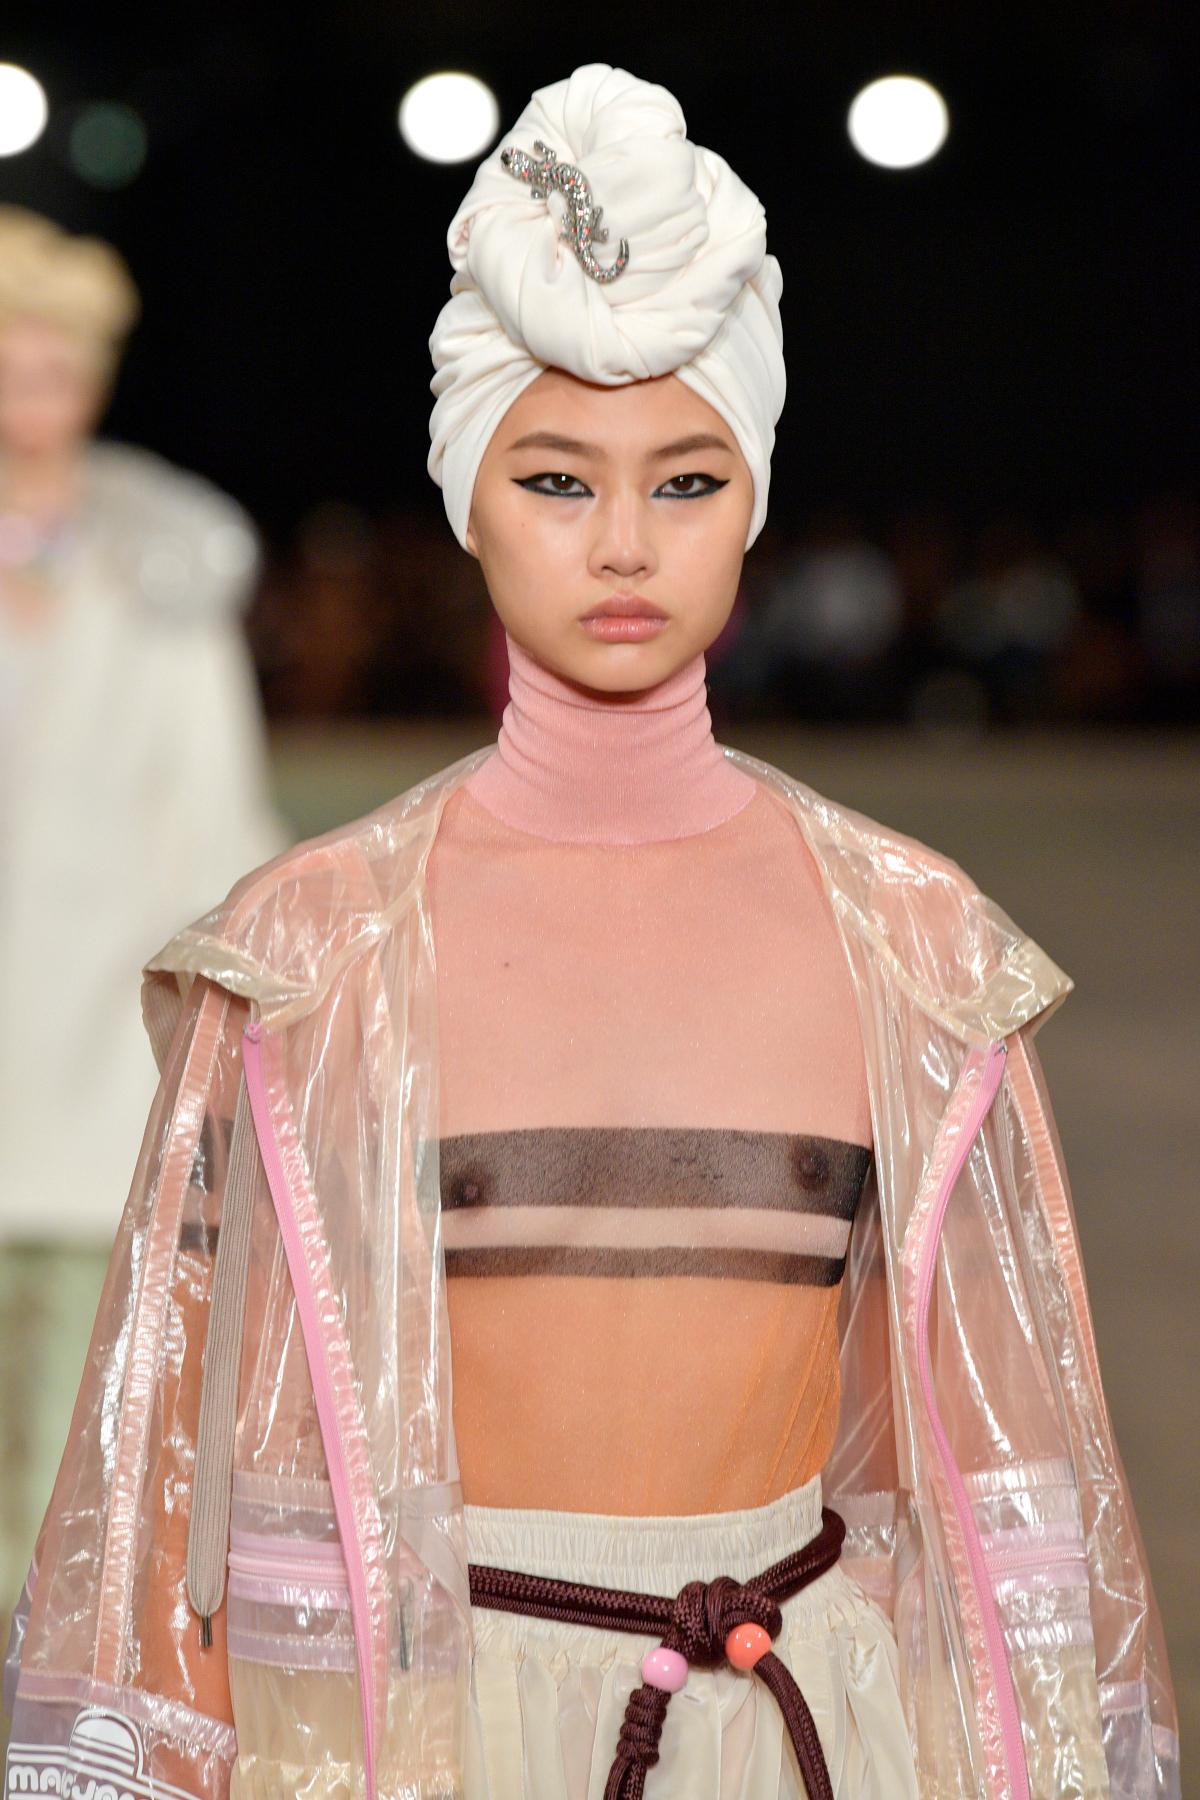 Hoyeon Jung, cu turban alb pe cap și îmbrăcată într-o ținută în nuanțe roz pudră, defilează la prezentarea casei de modă Marc Jacobs, în anul 2018.